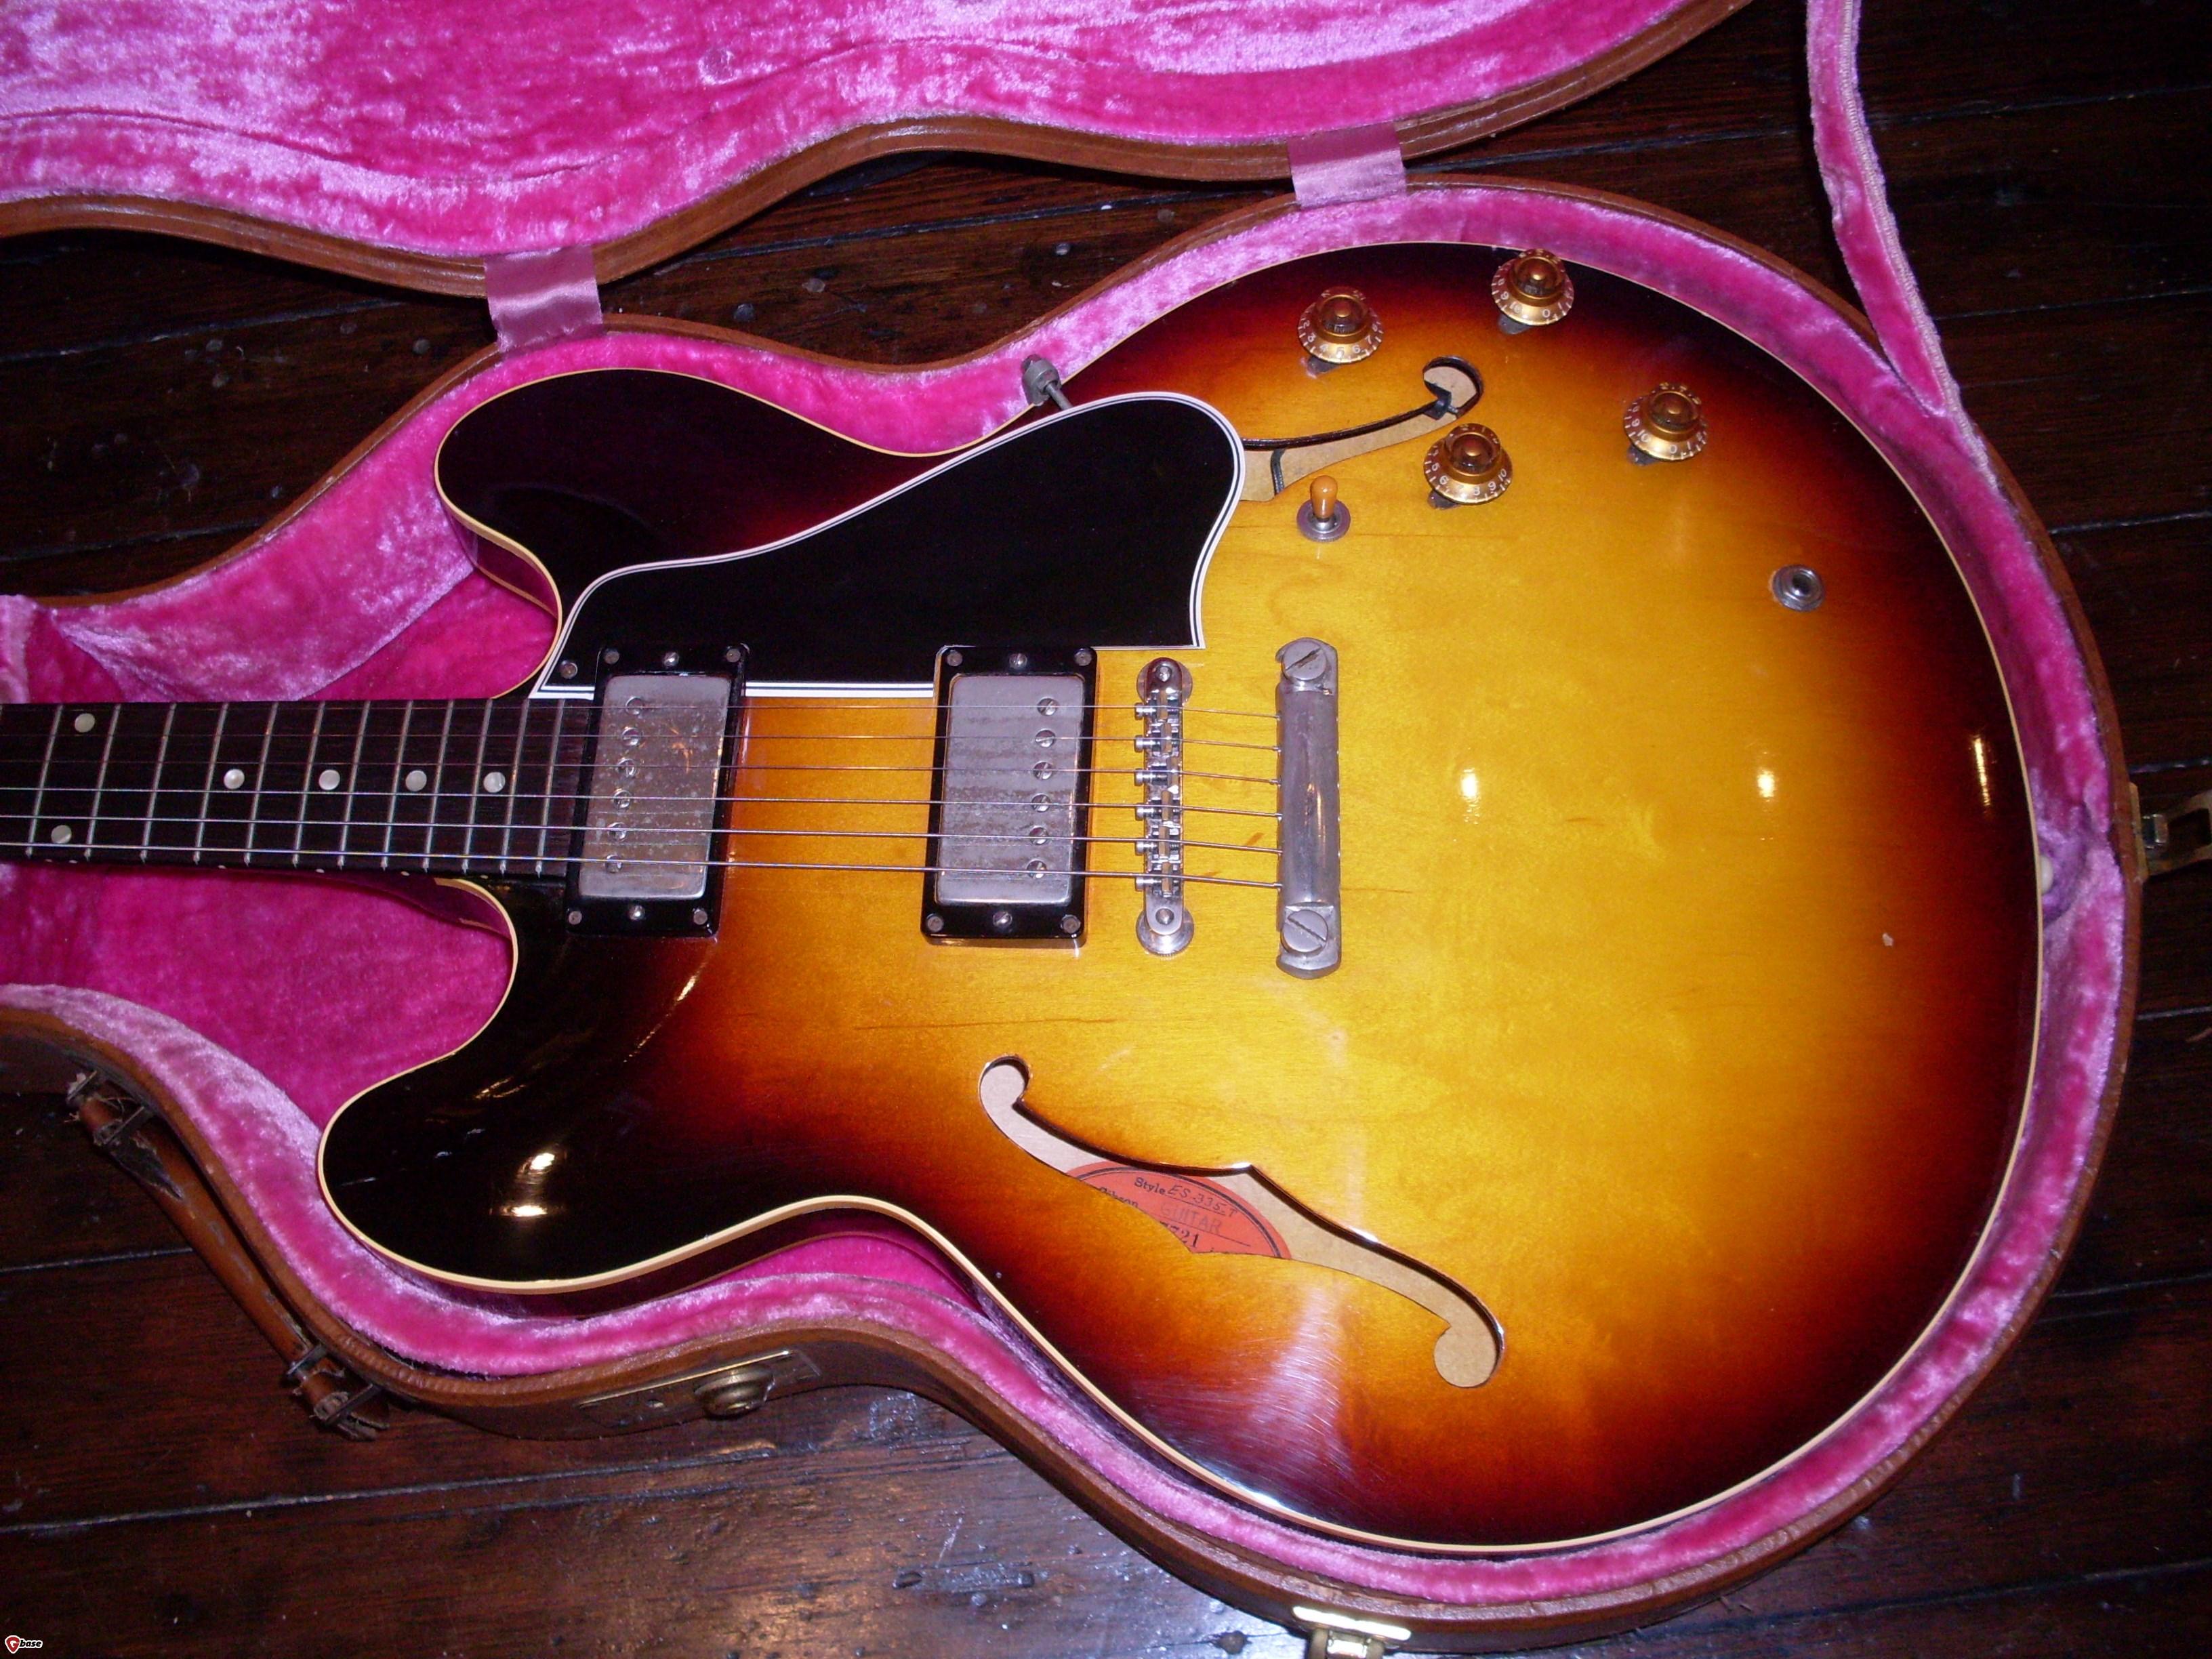 The Gibson ES-335 » ES-335